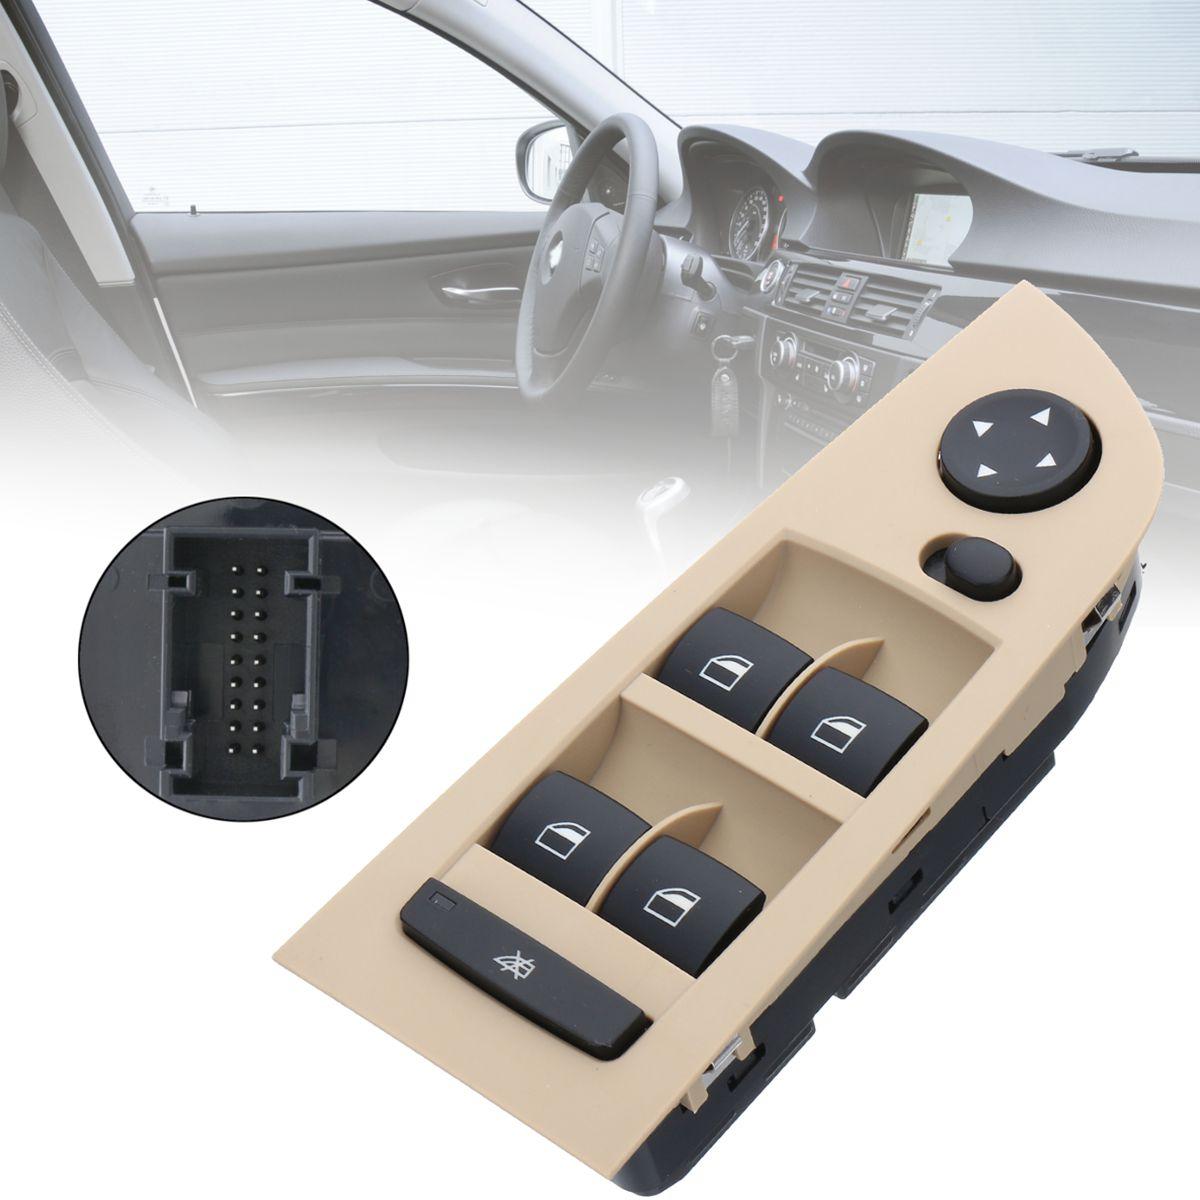 #61319217329 Avant Fenêtre Miroir Master Control Unité Pour BMW E90 LCI 318i 320i 325i 335i 330i 2004 2005 2006 2007 2008